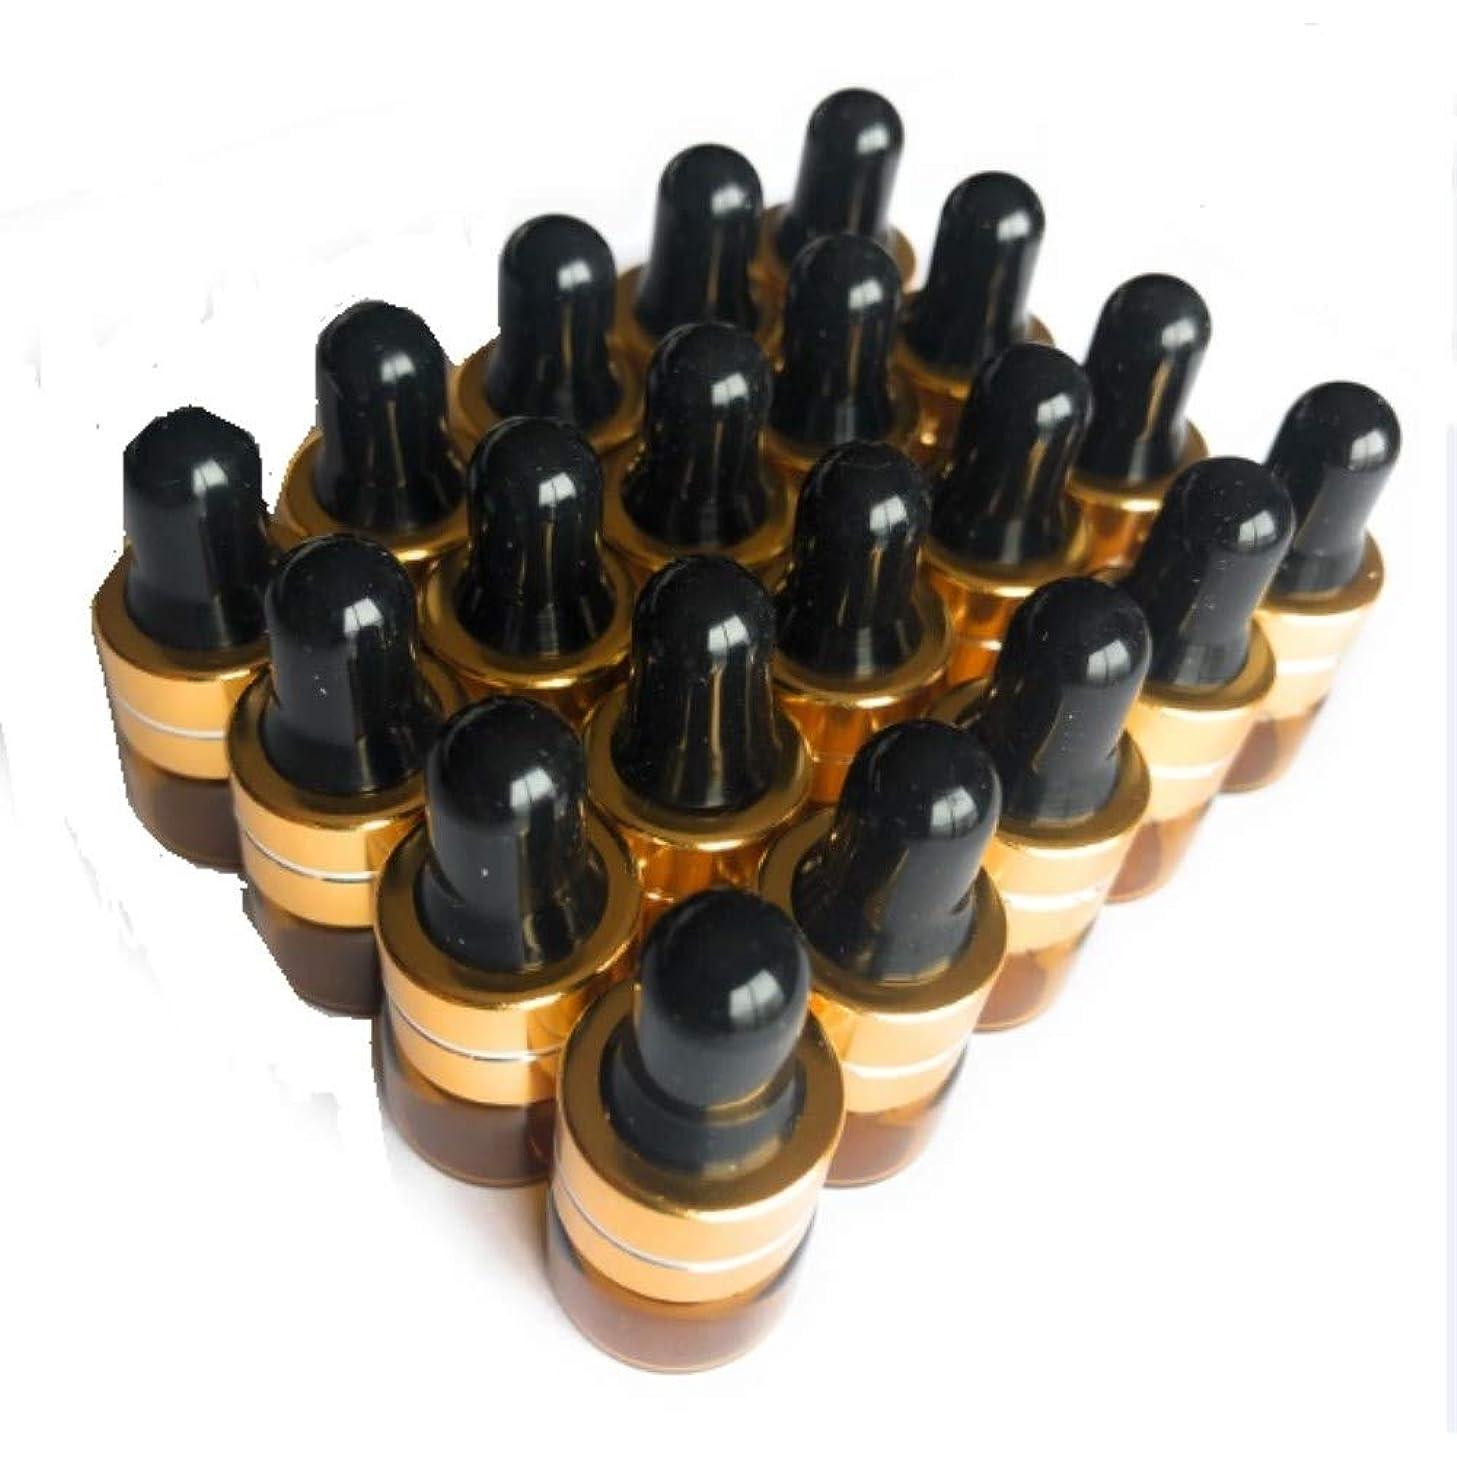 高める藤色活性化するits 遮光瓶 アロマオイル 精油 小分け用 ガラス製 保存容器?茶色 (20本 セット 1ml)